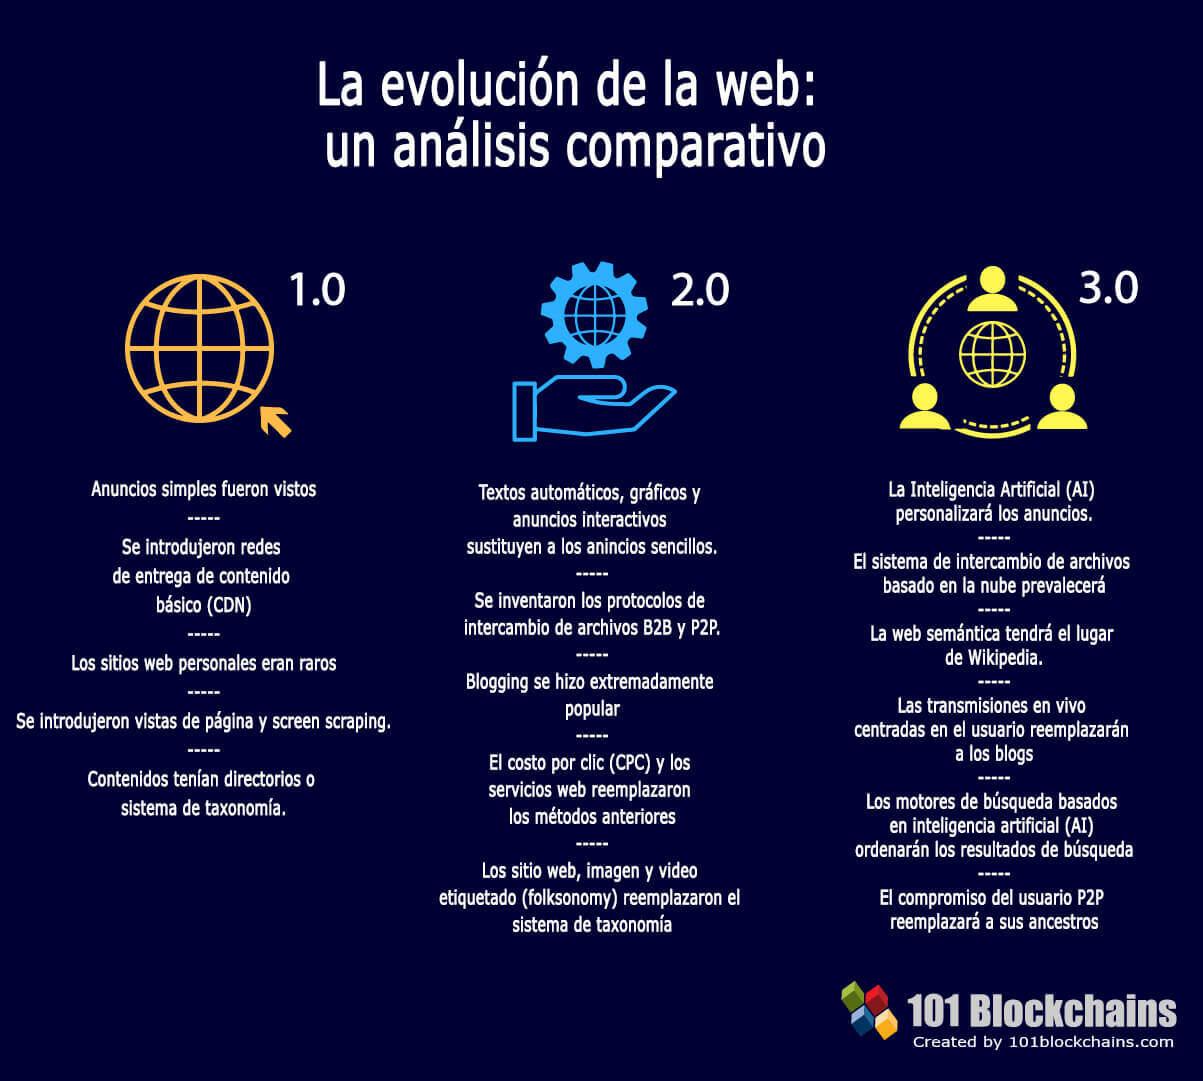 La evolución de la web un análisis comparativo